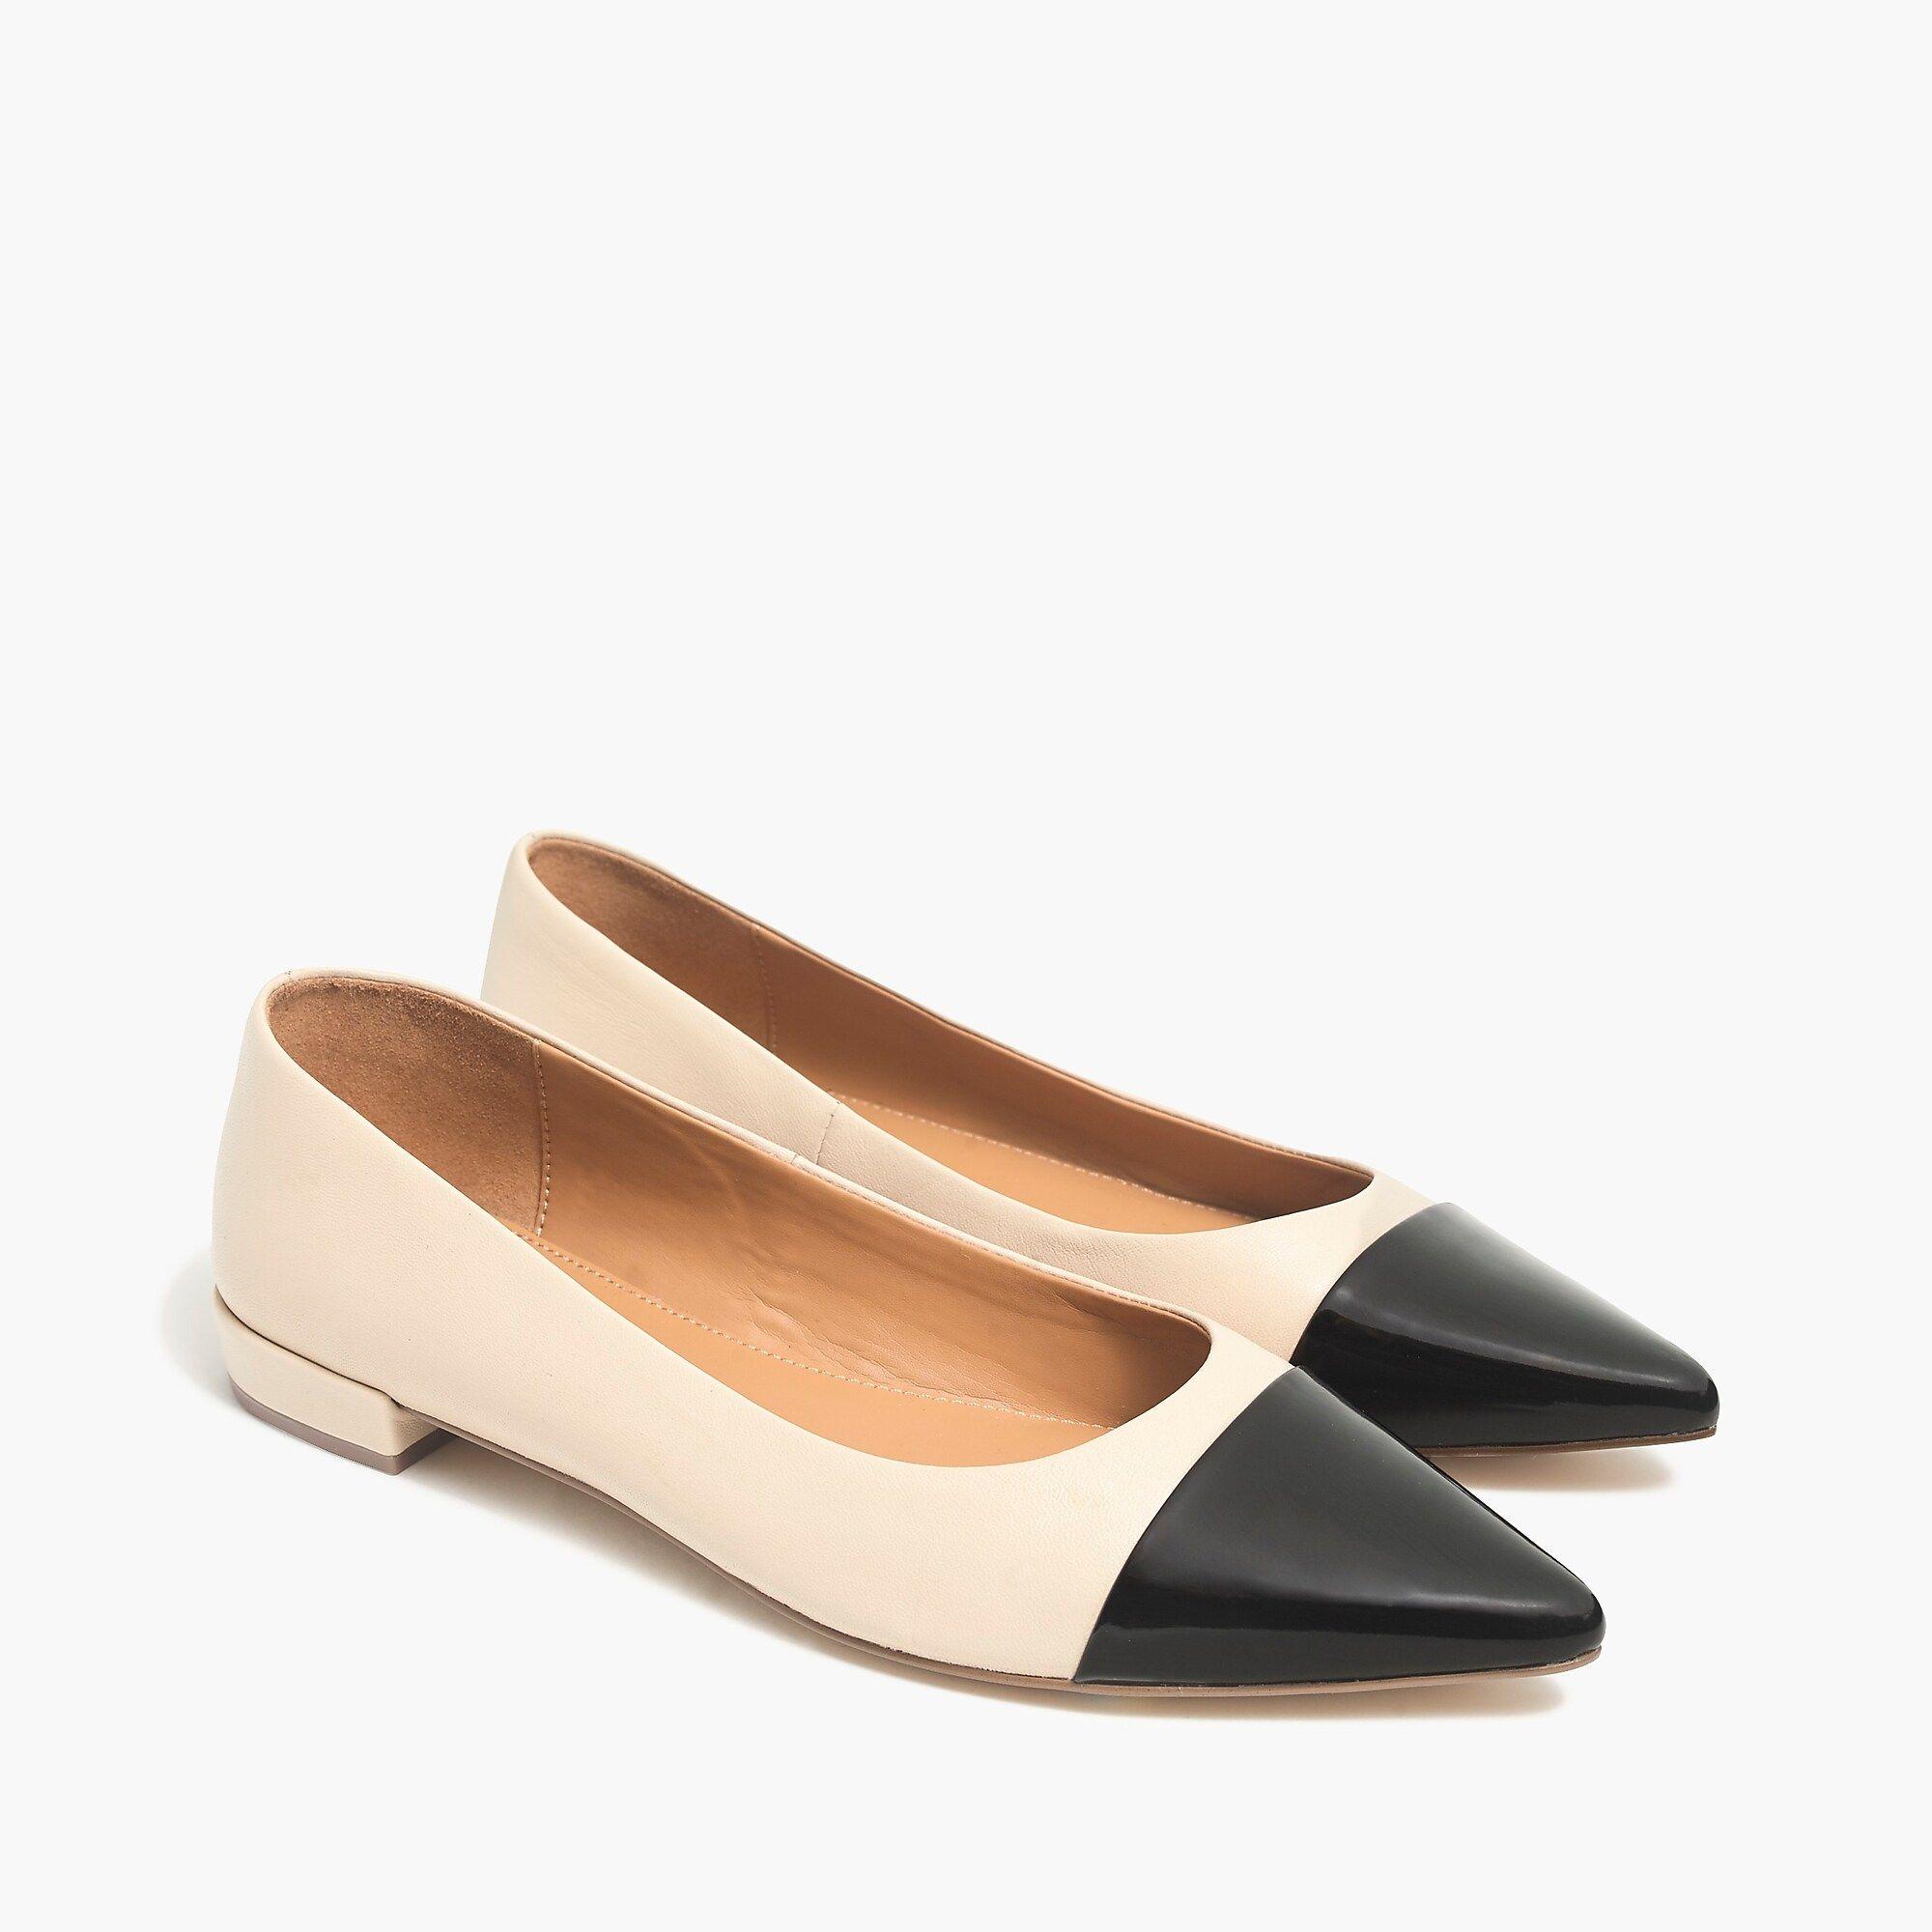 Marina leather pointy cap-toe flats